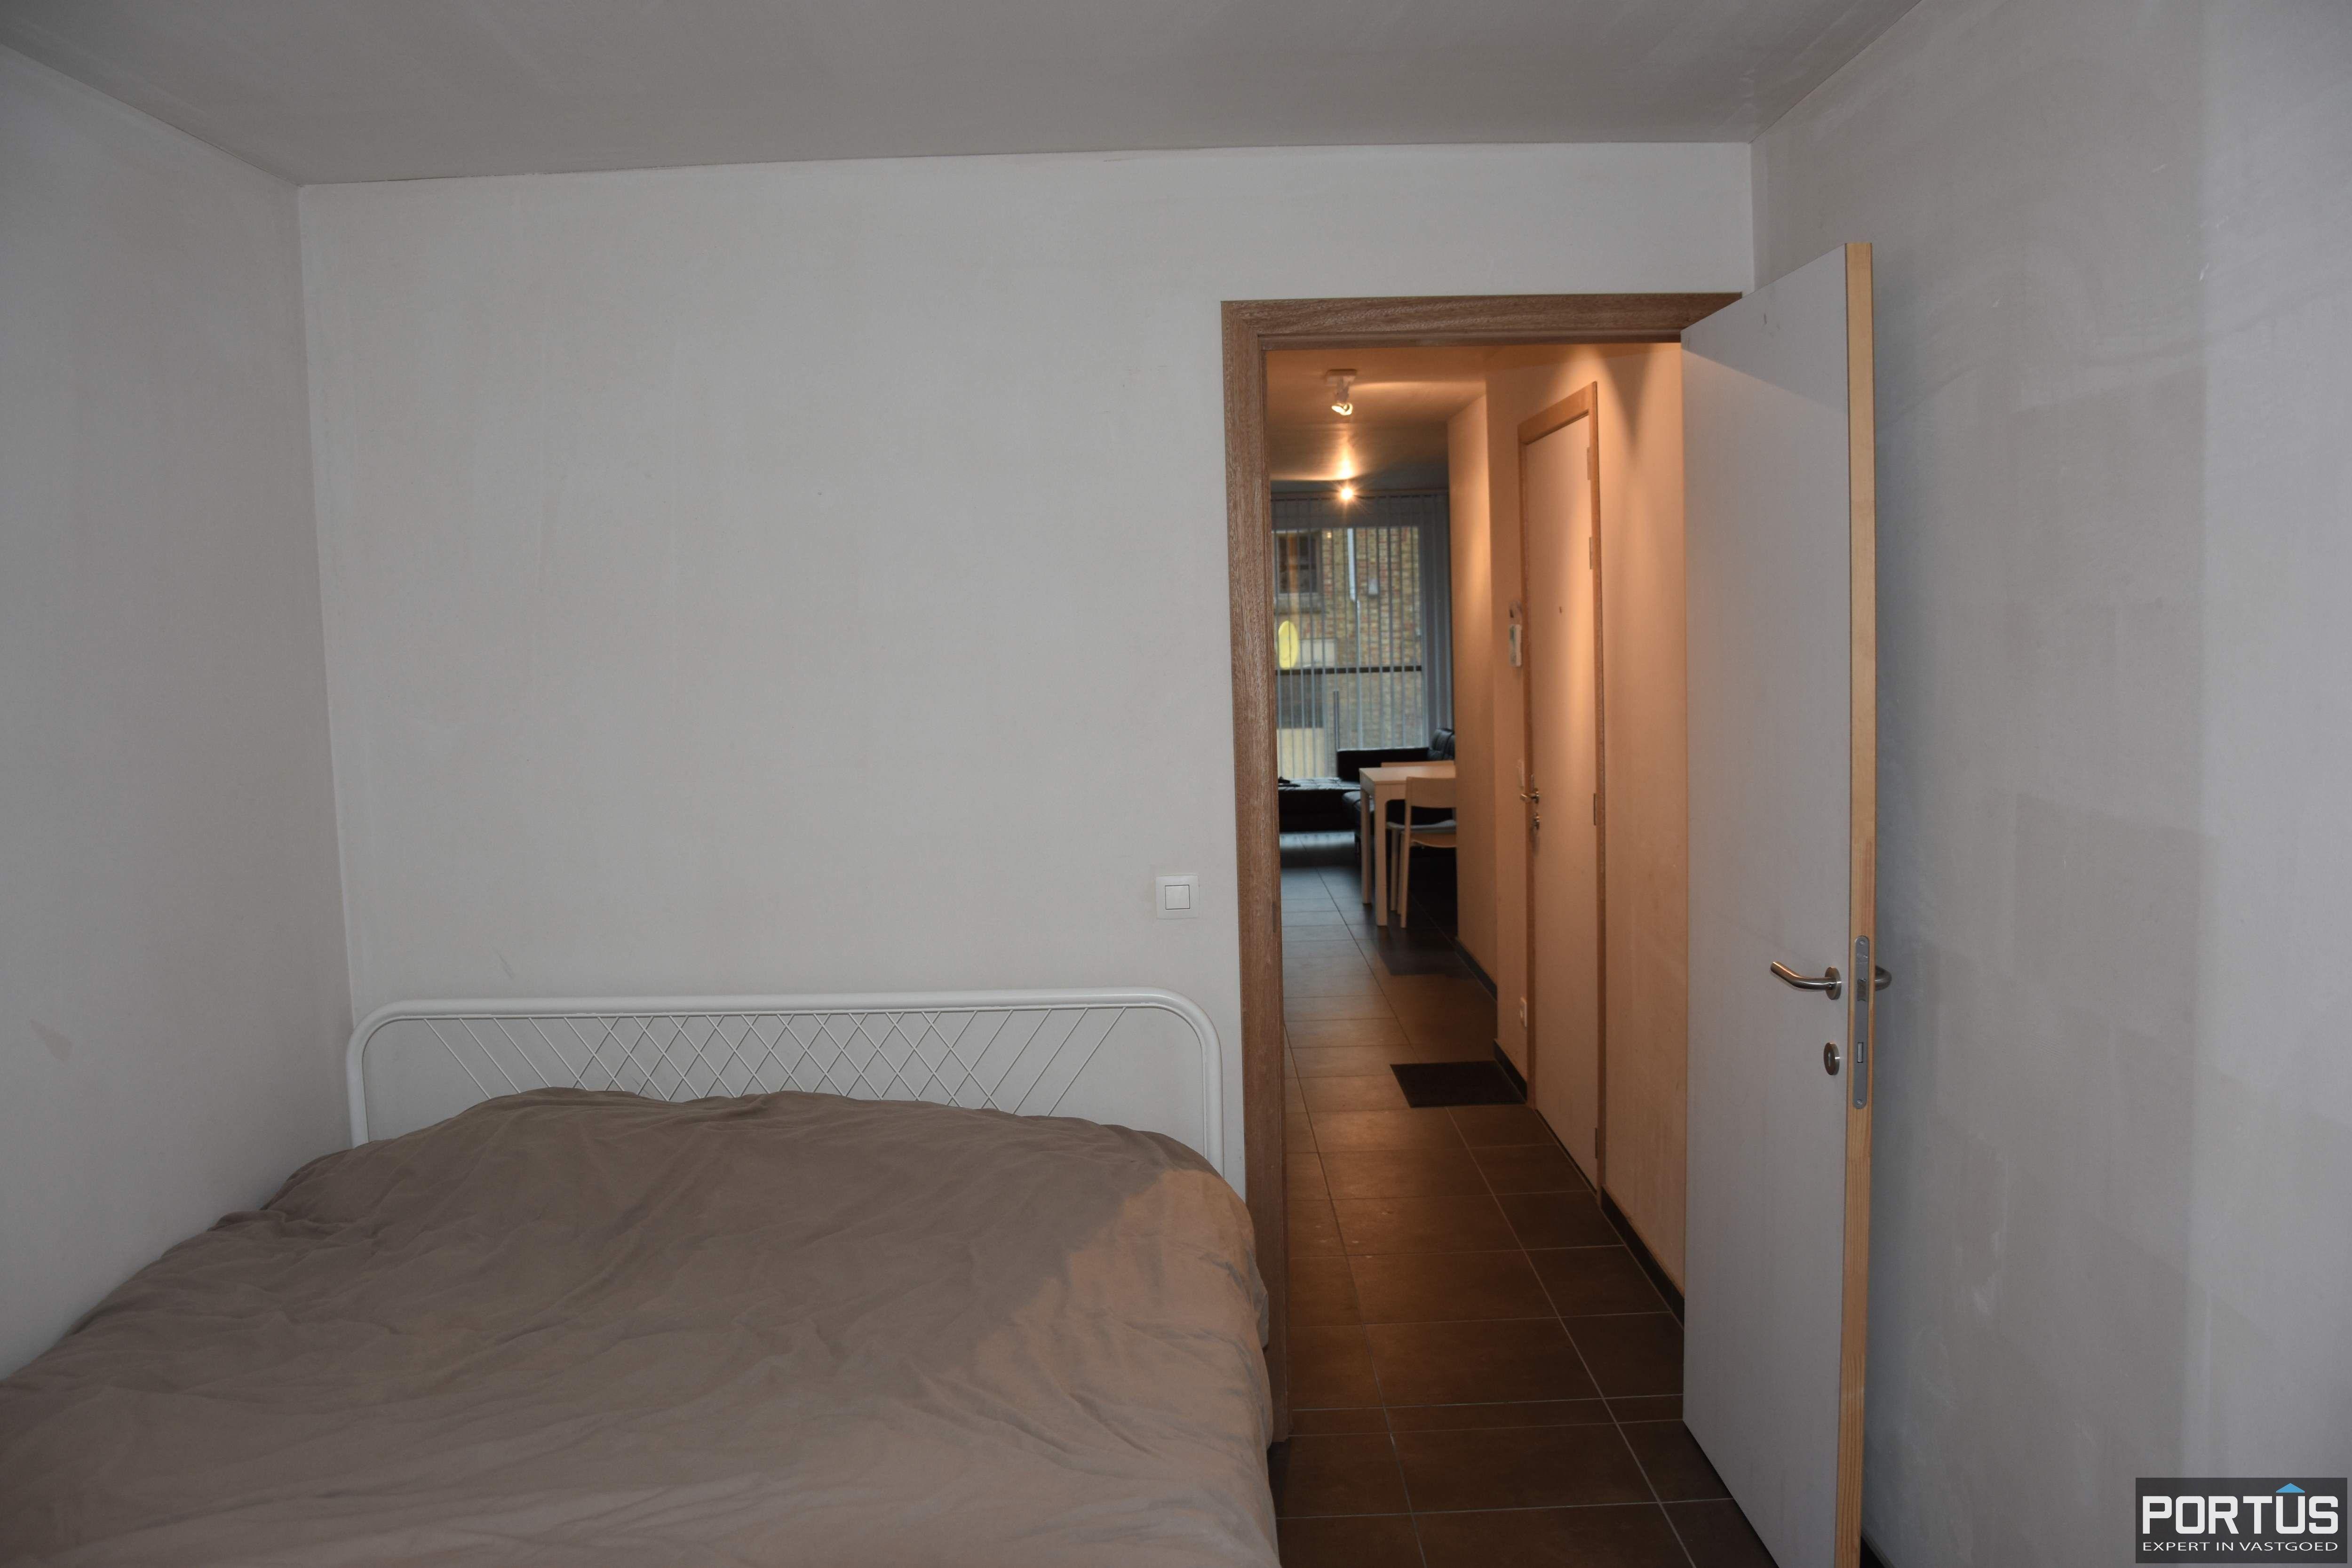 Appartement met 1 slaapkamer te huur te Lombardsijde - 13472